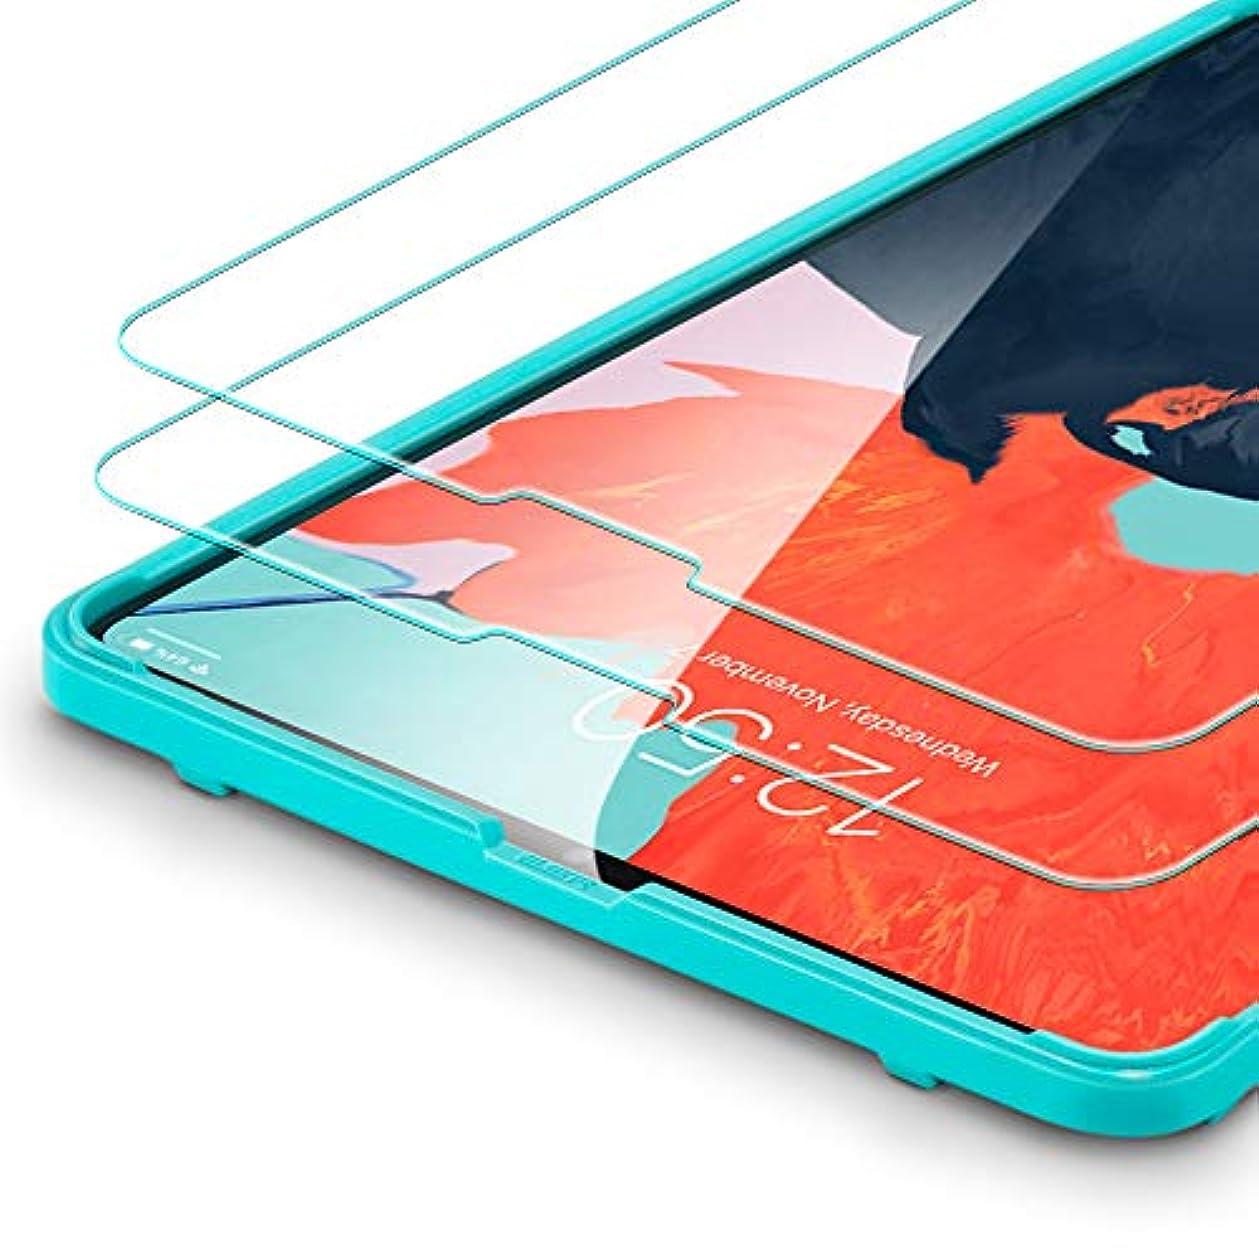 特異な検査インタビューESR iPad Pro 12.9 フィルム 2018 日本製素材旭硝子製 三倍強化 0.3mm 液晶保護フィルム 高透明度 硬度9H 気泡自動排除 スクラッチ 指紋防止 iPad Pro 12.9インチ用 貼り付けガイド枠付き(2枚入り)